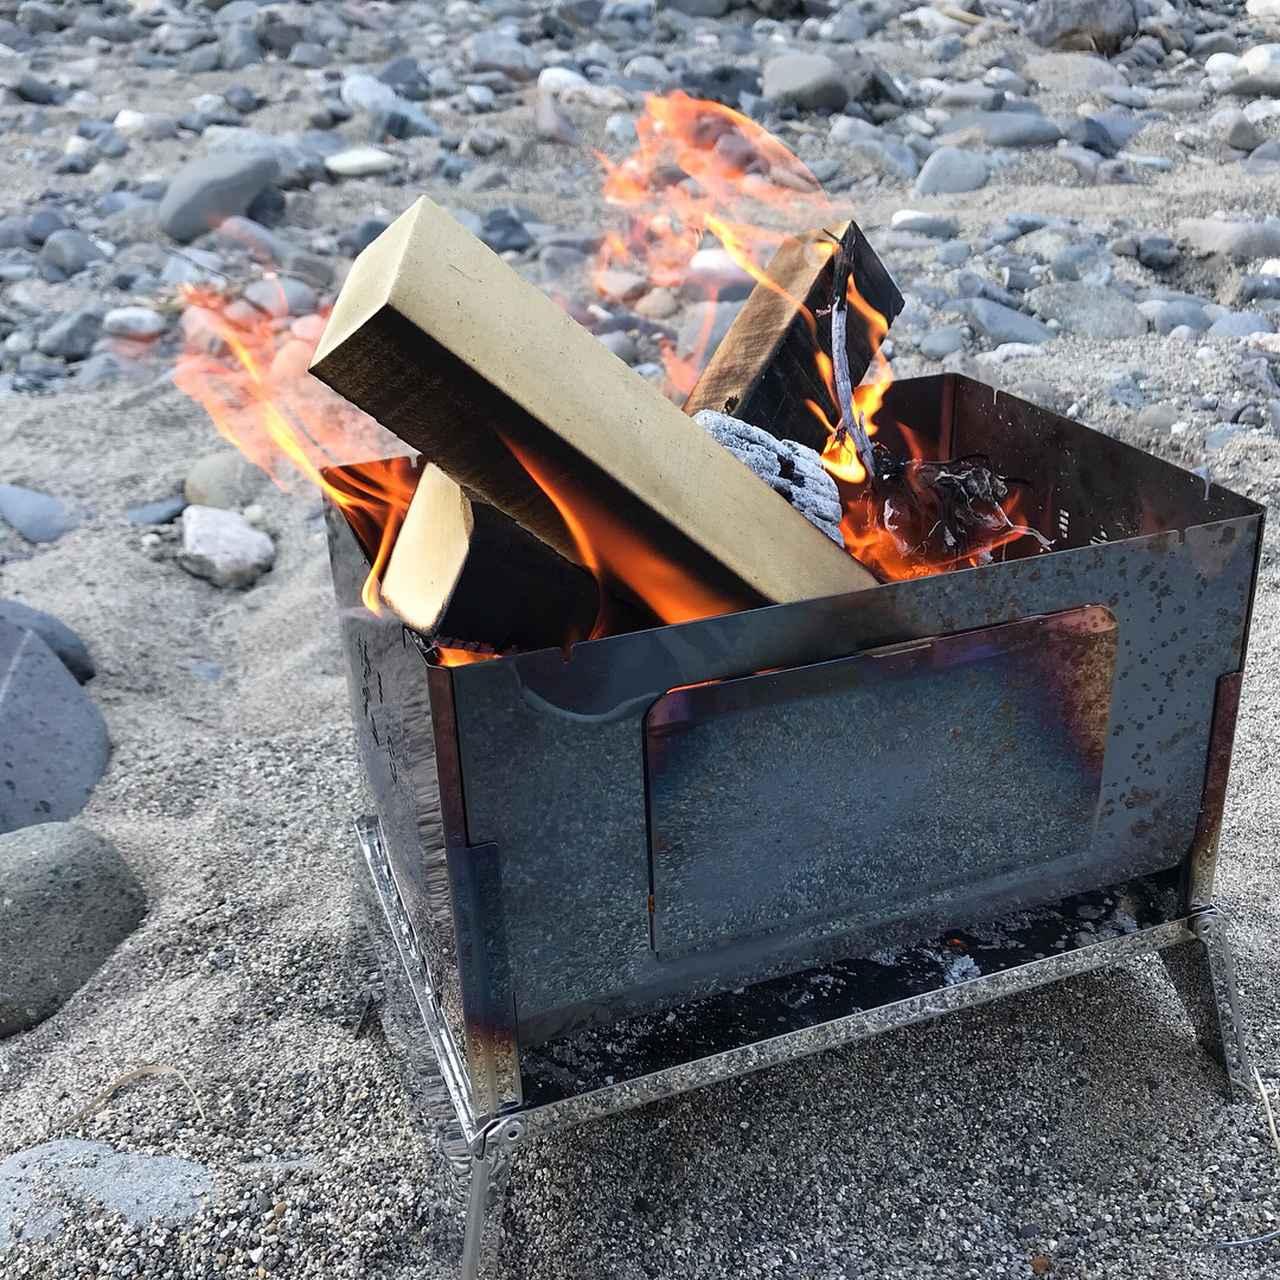 画像2: 【キャンプ初心者必見】「焚き火台」を使った焚き火のやり方を正しくマスターしよう